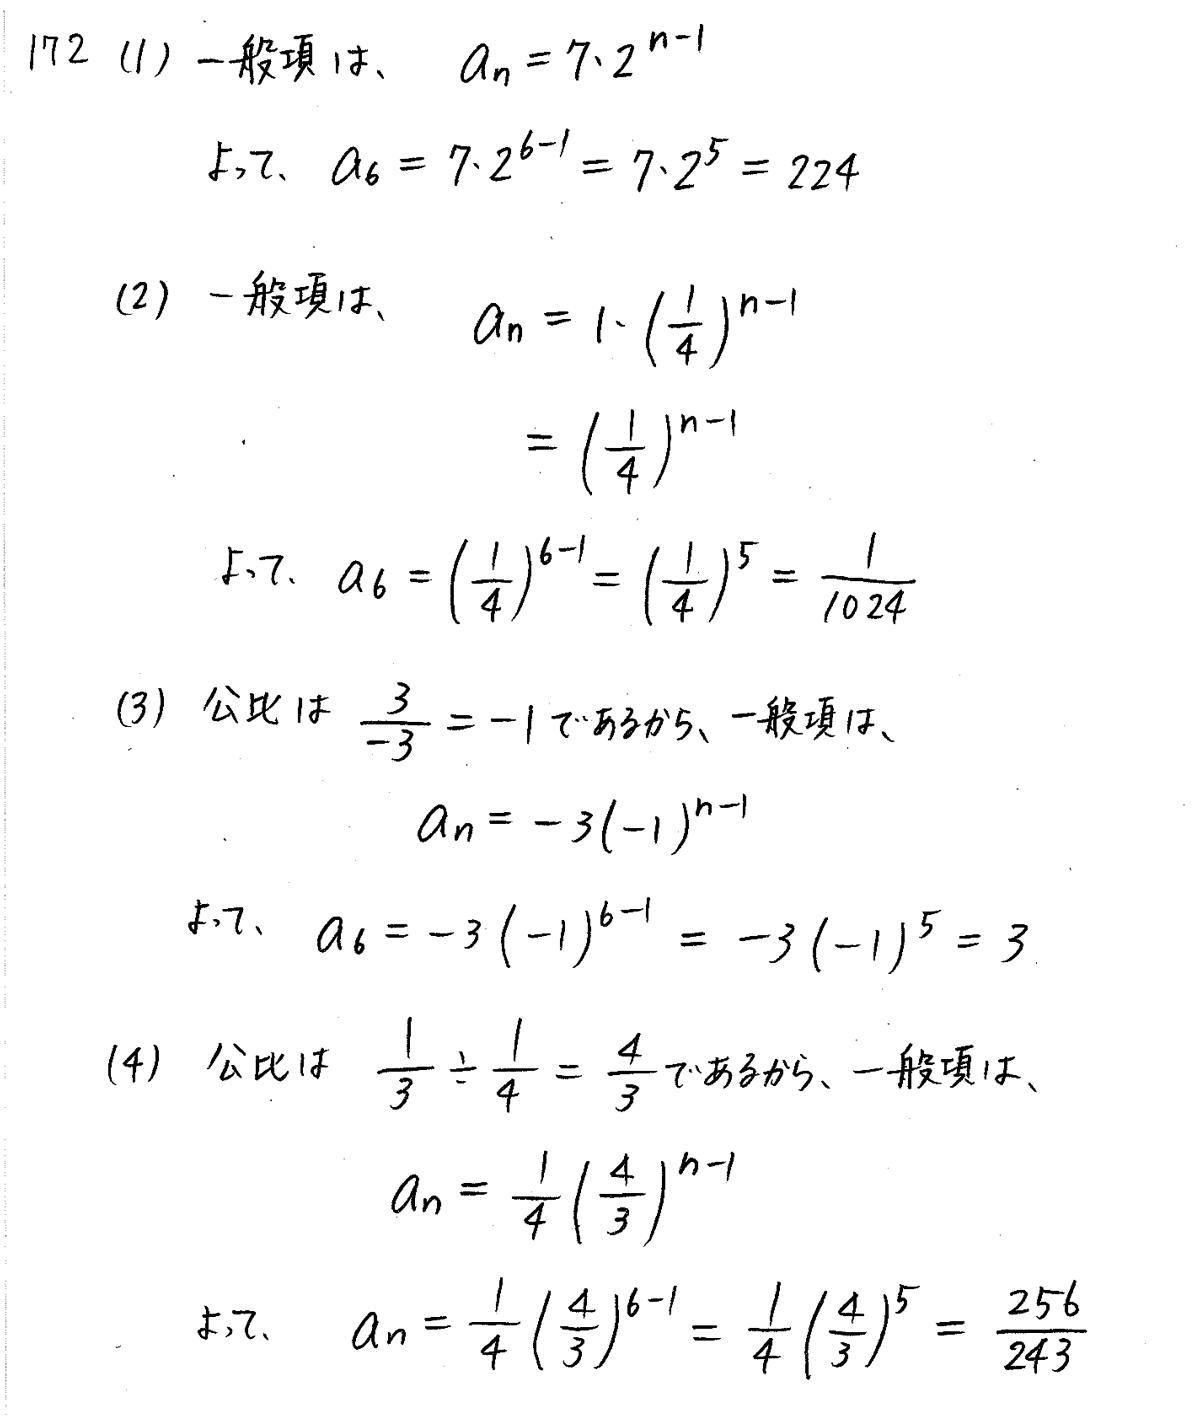 クリアー数学B-172解答